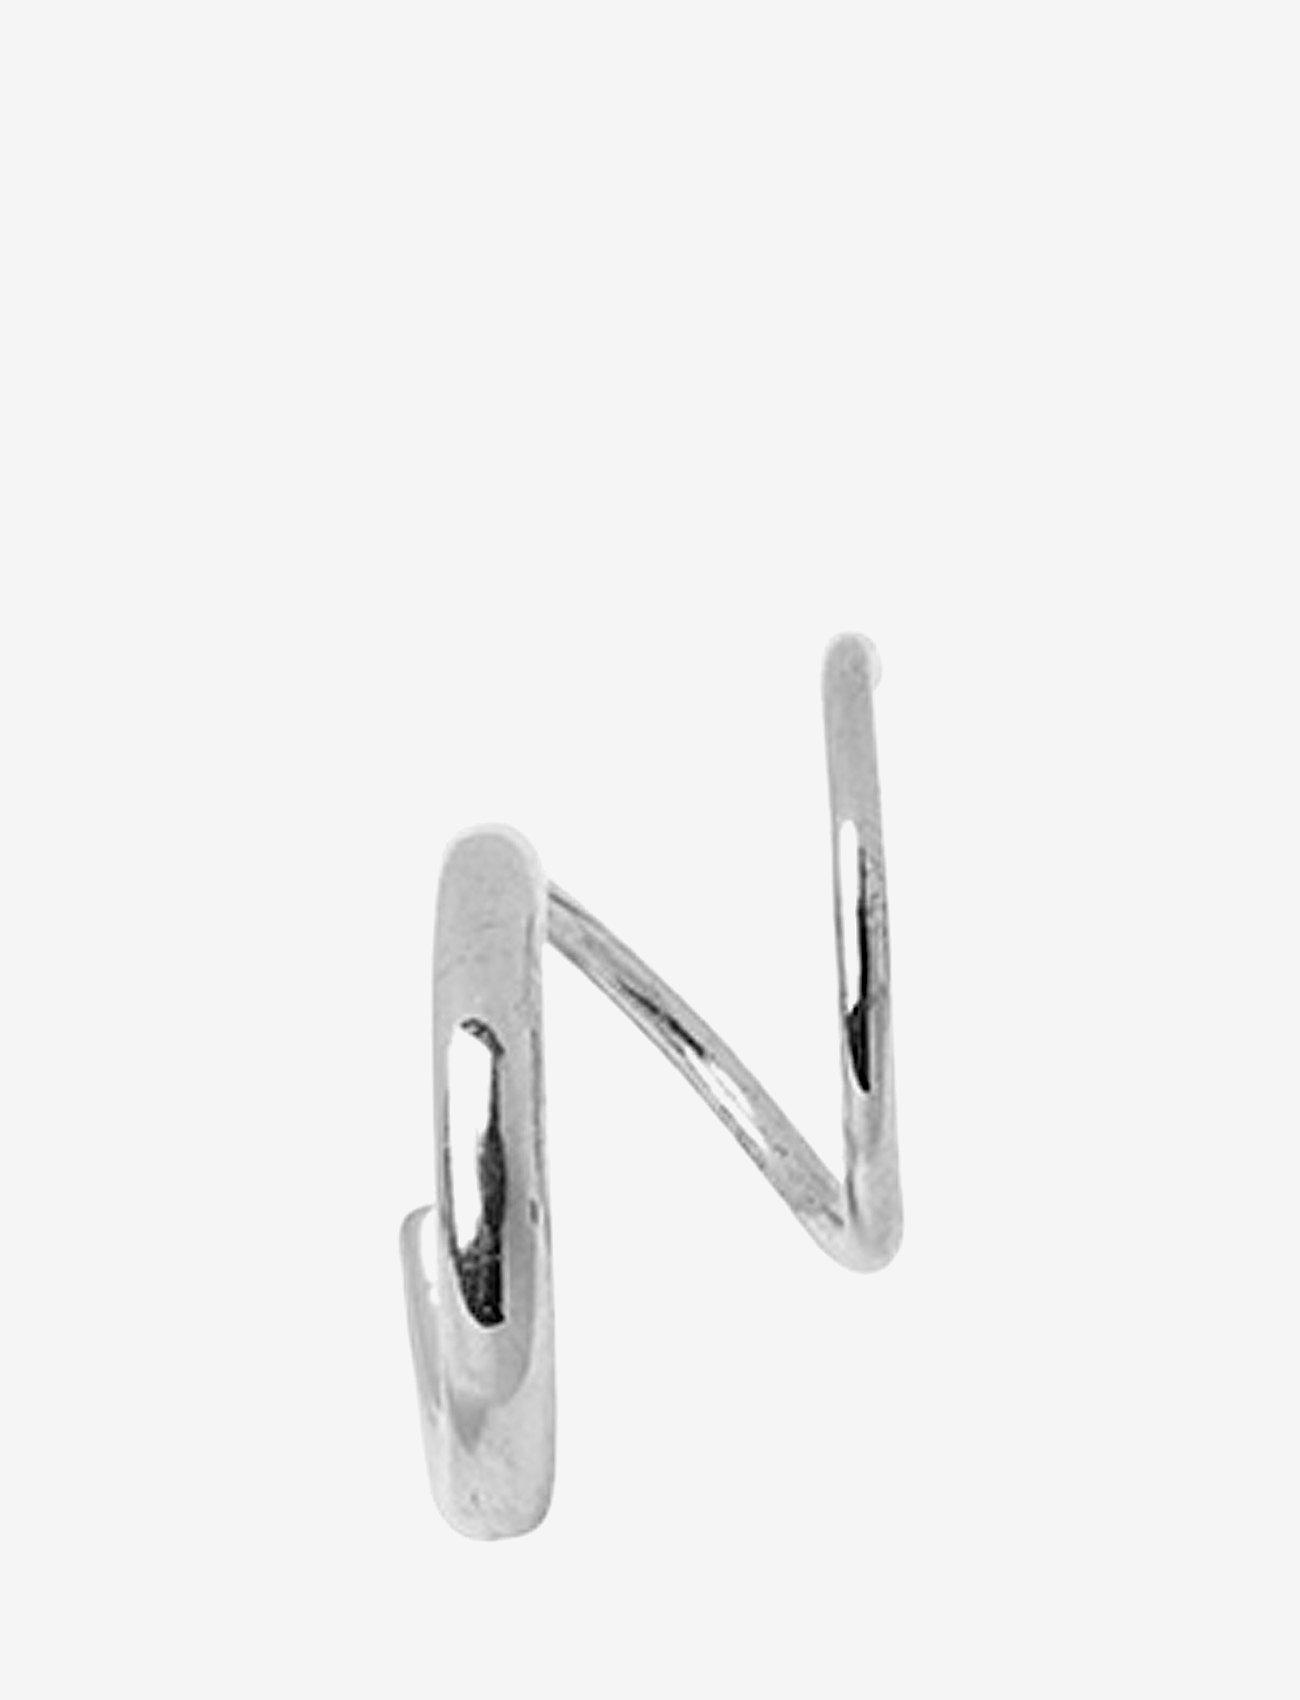 Maria Black - Dogma Twirl Earring - statement earrings - silver - 1